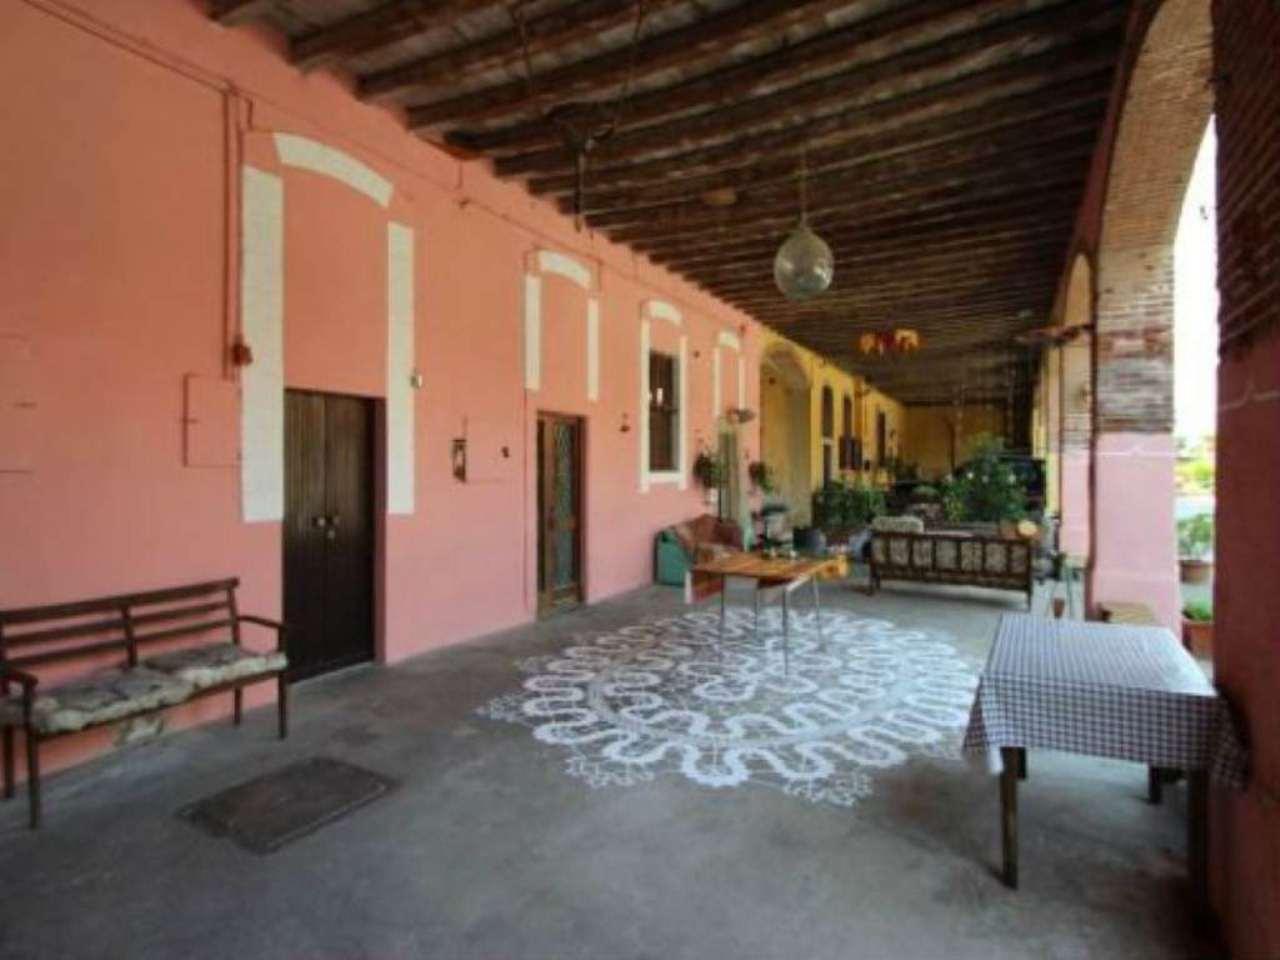 Rustico / Casale in vendita a Casatenovo, 3 locali, prezzo € 65.000 | Cambio Casa.it